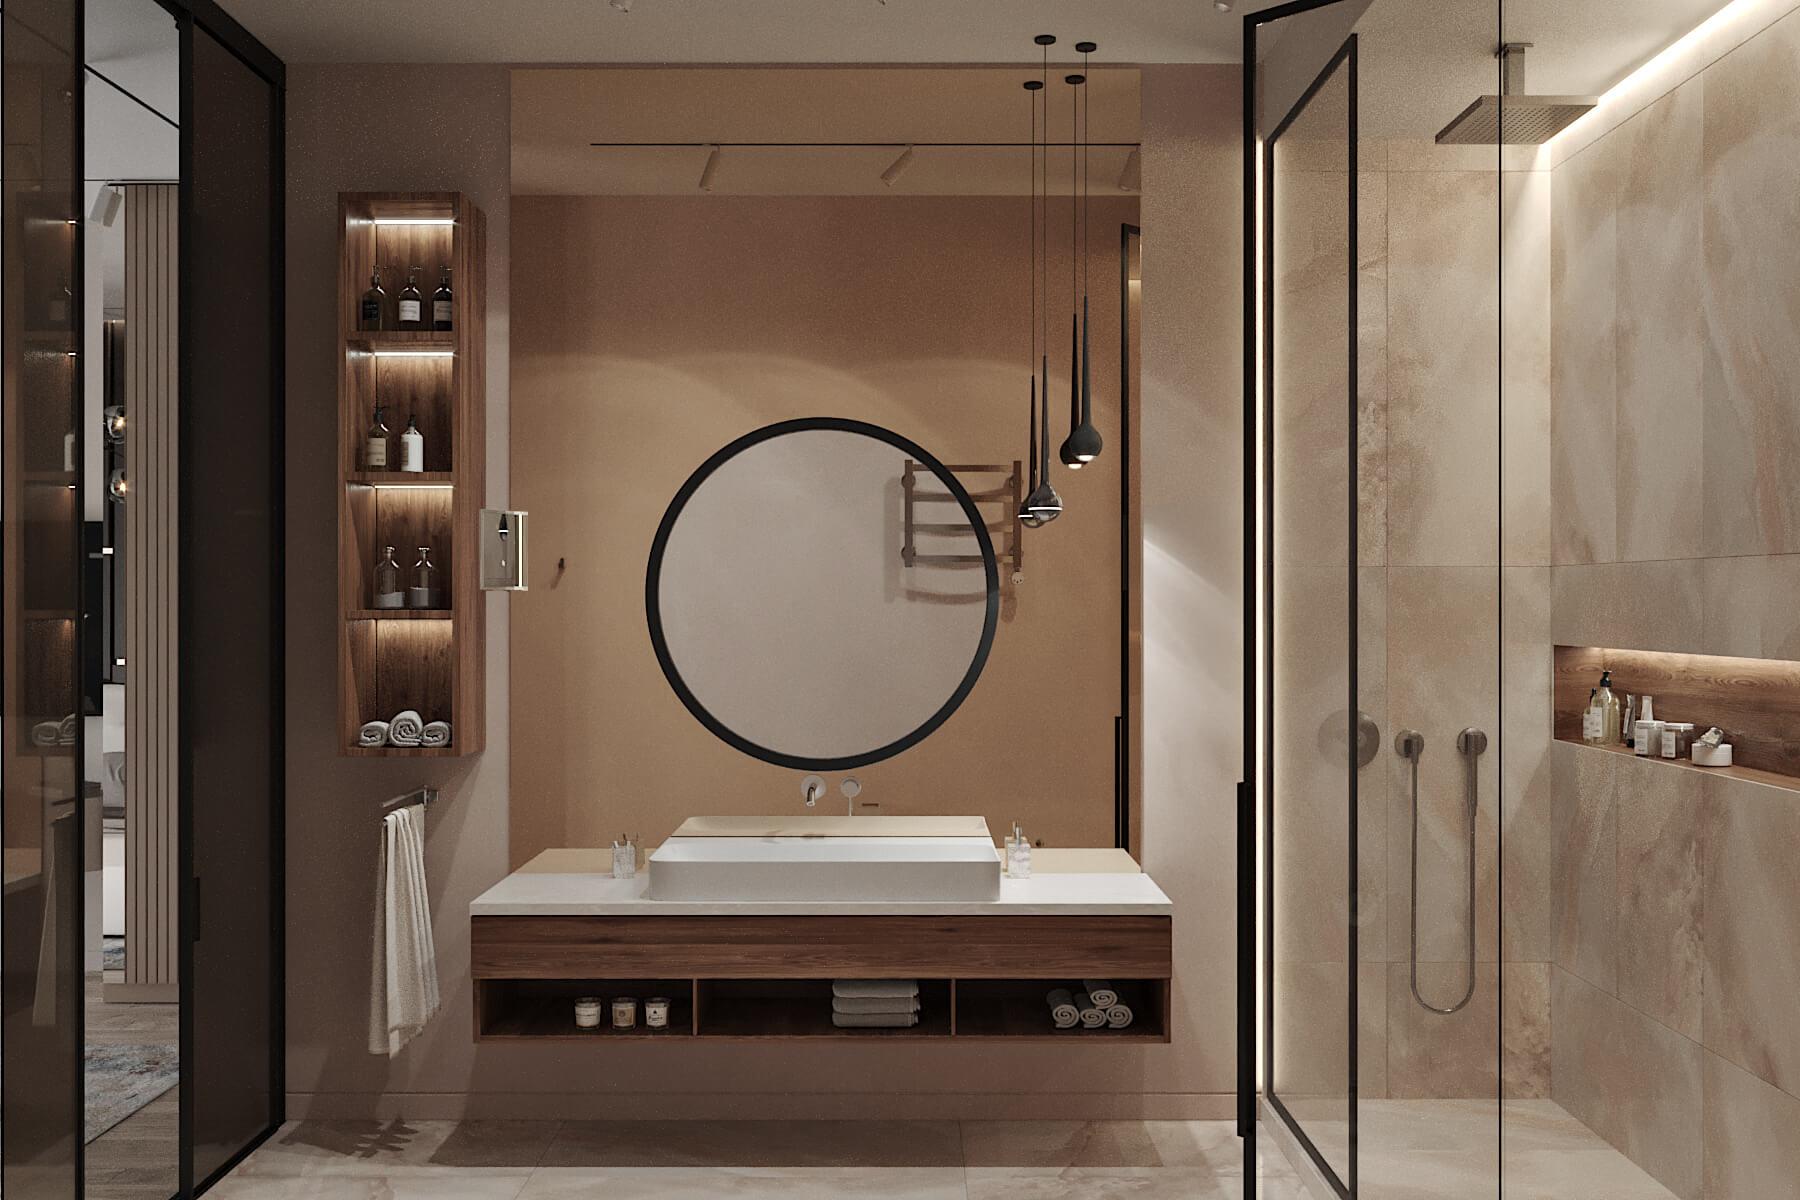 zilart_master-bedroom_26.08.2020_09_01